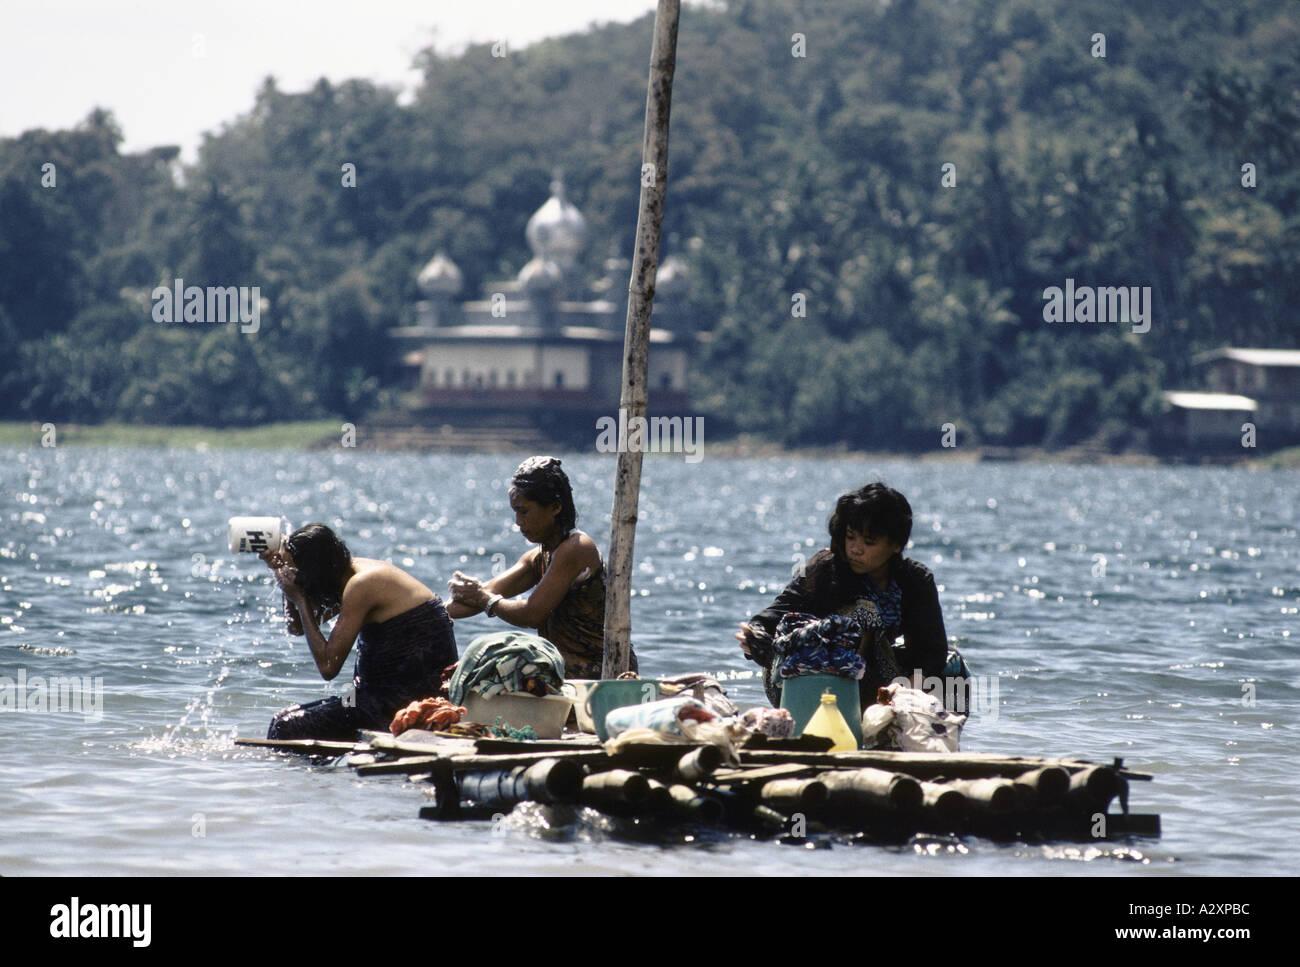 Pilippines : donne sulla piccola zattera di legno si bagnano nelle ...